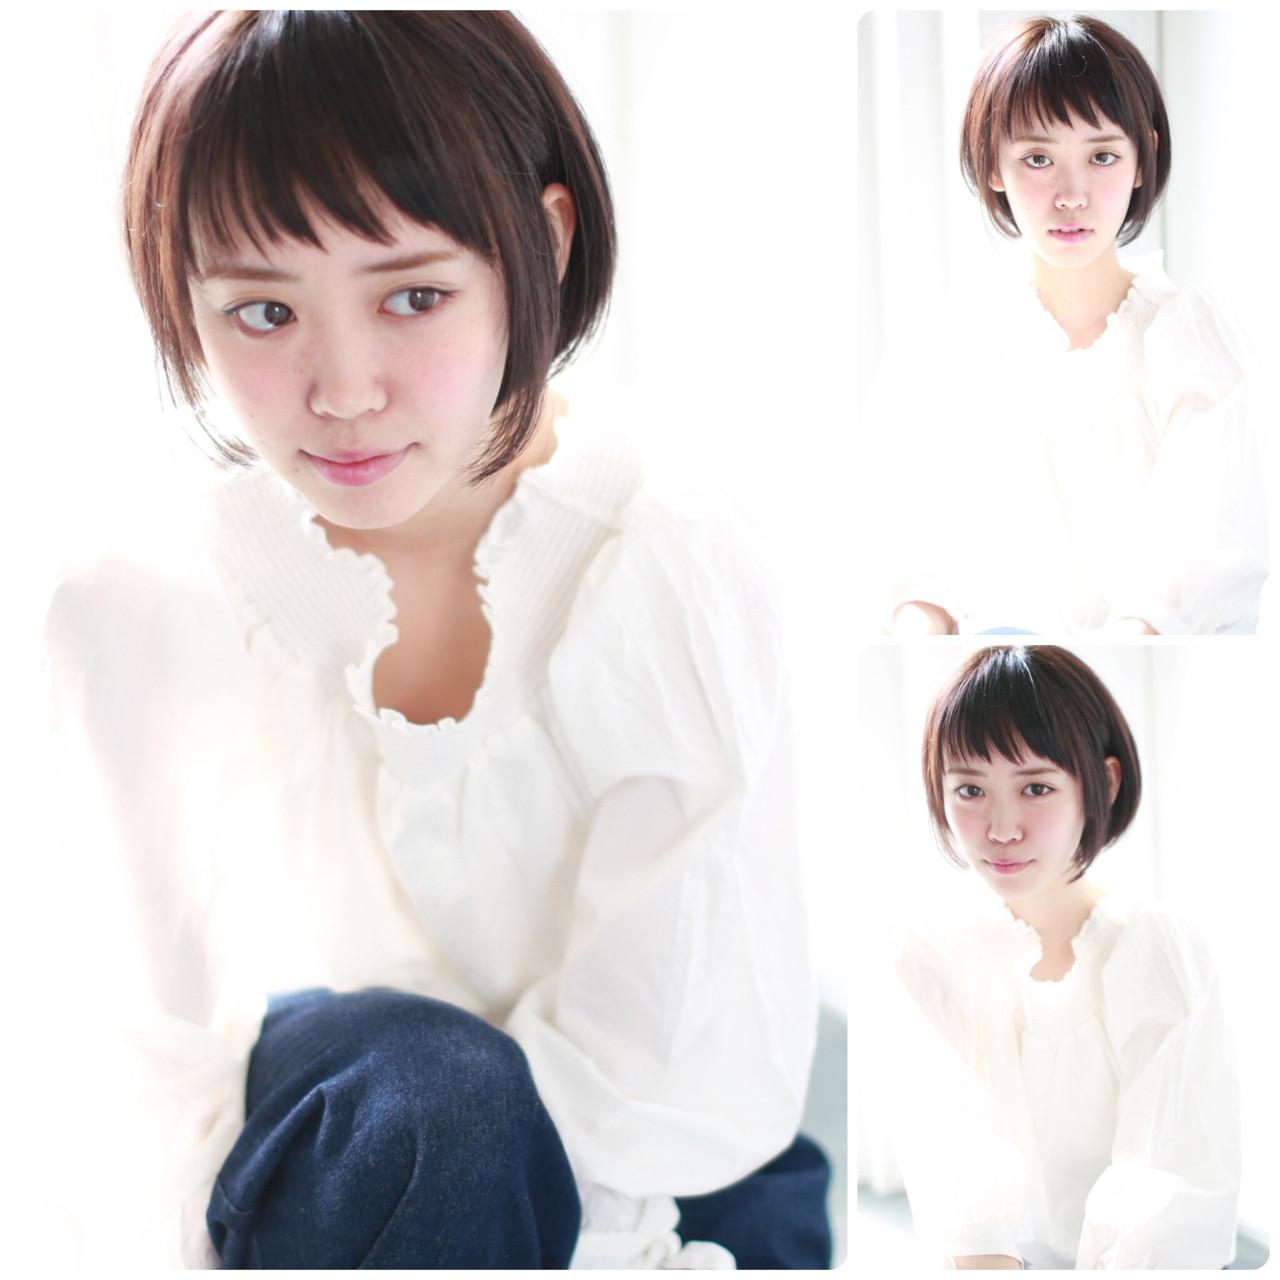 グレージュ イルミナカラー ナチュラル ショート ヘアスタイルや髪型の写真・画像